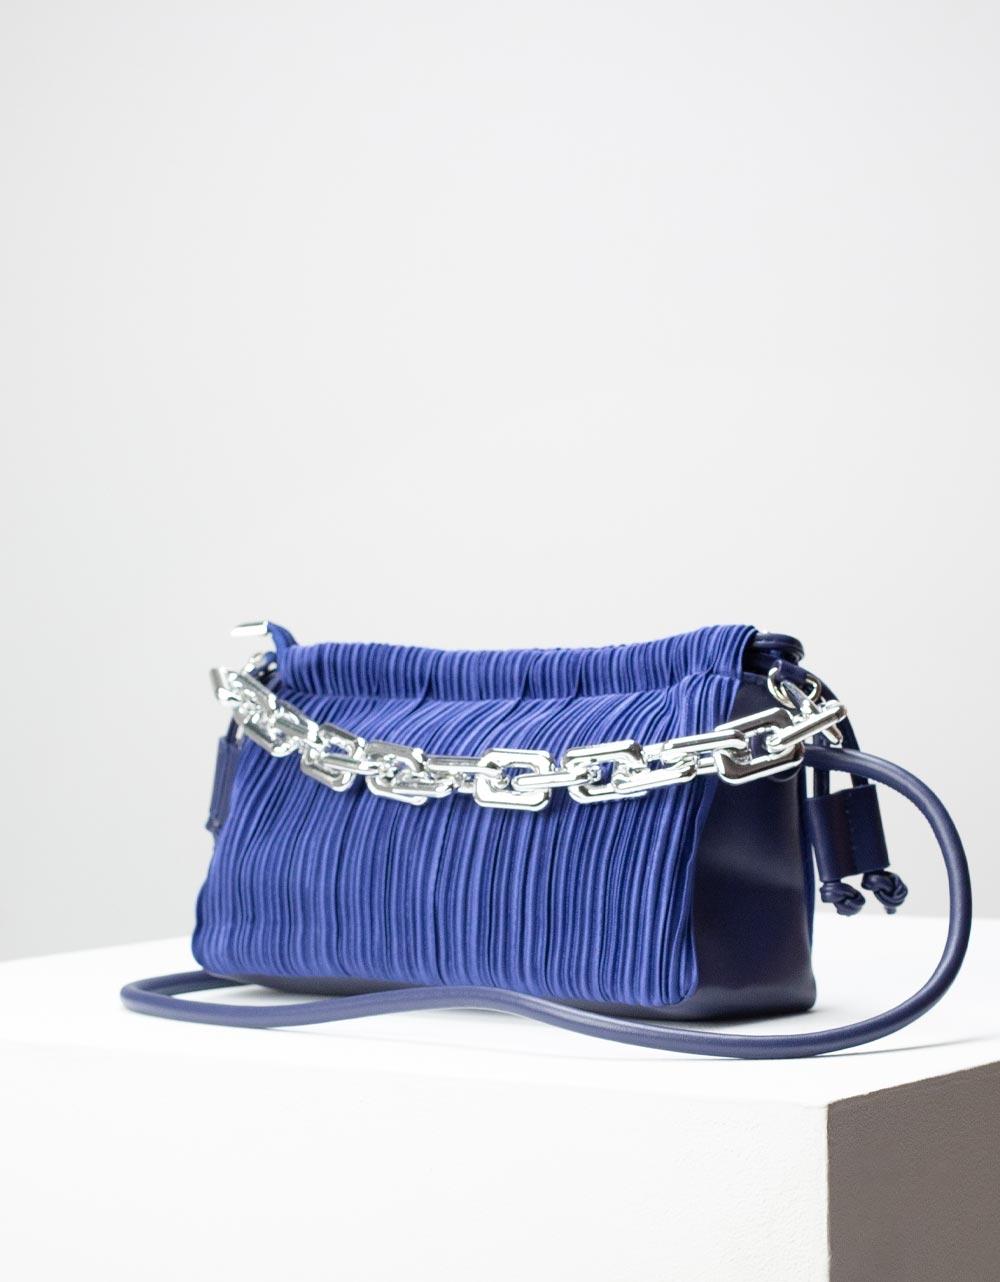 Εικόνα από Γυναικεία τσάντα ώμου & χιαστί με υφασμάτινο μοτίβο Navy